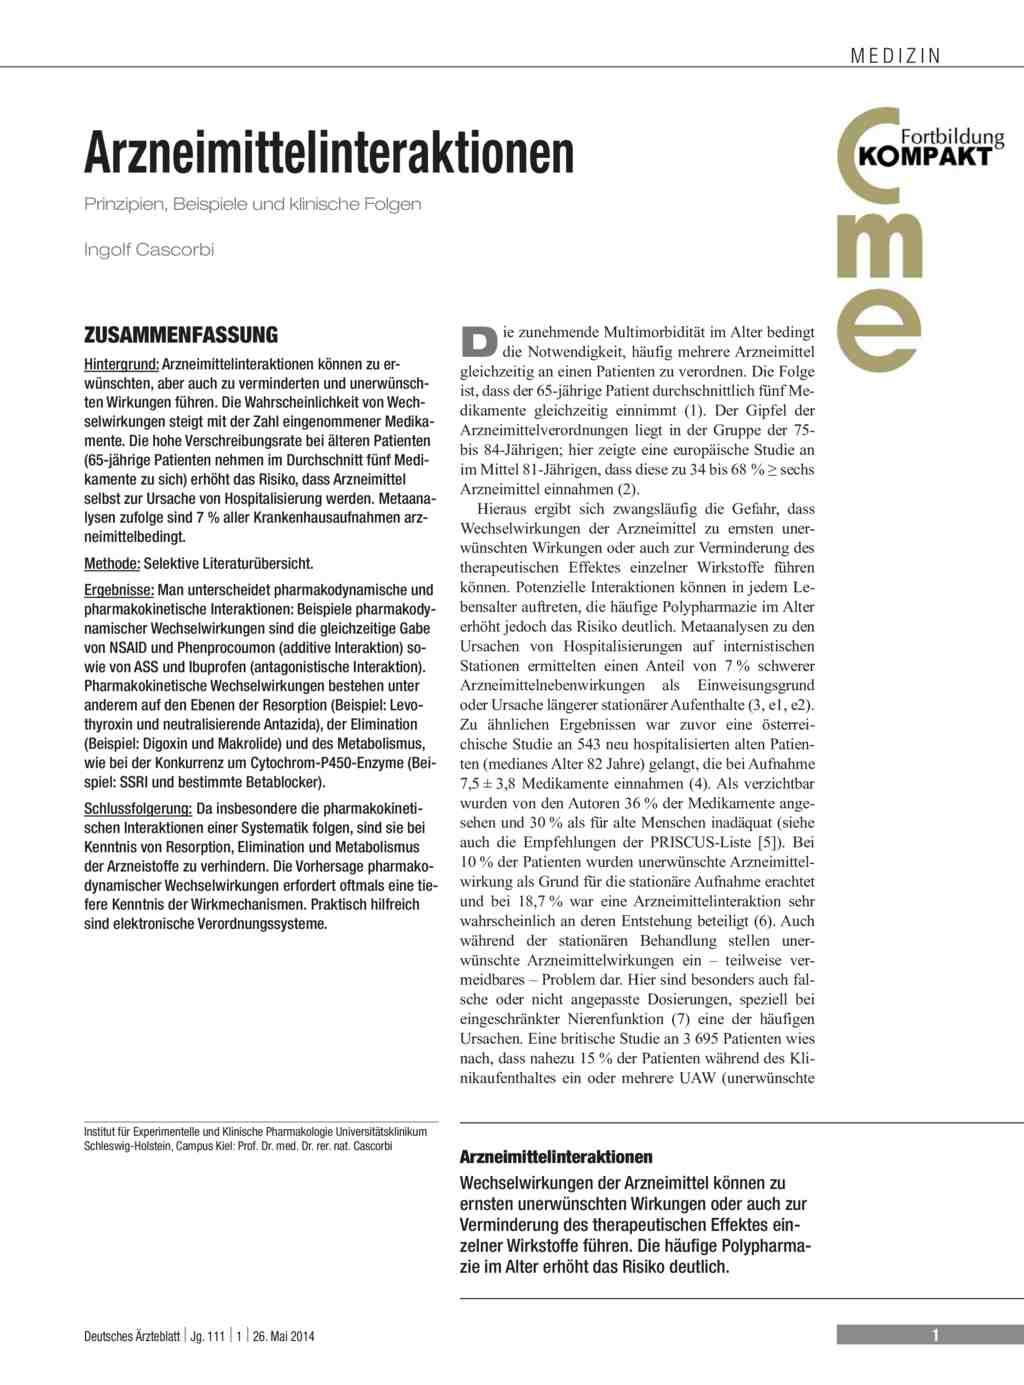 Arzneimittelinteraktionen: Prinzipien, Beispiele und klinische Folgen